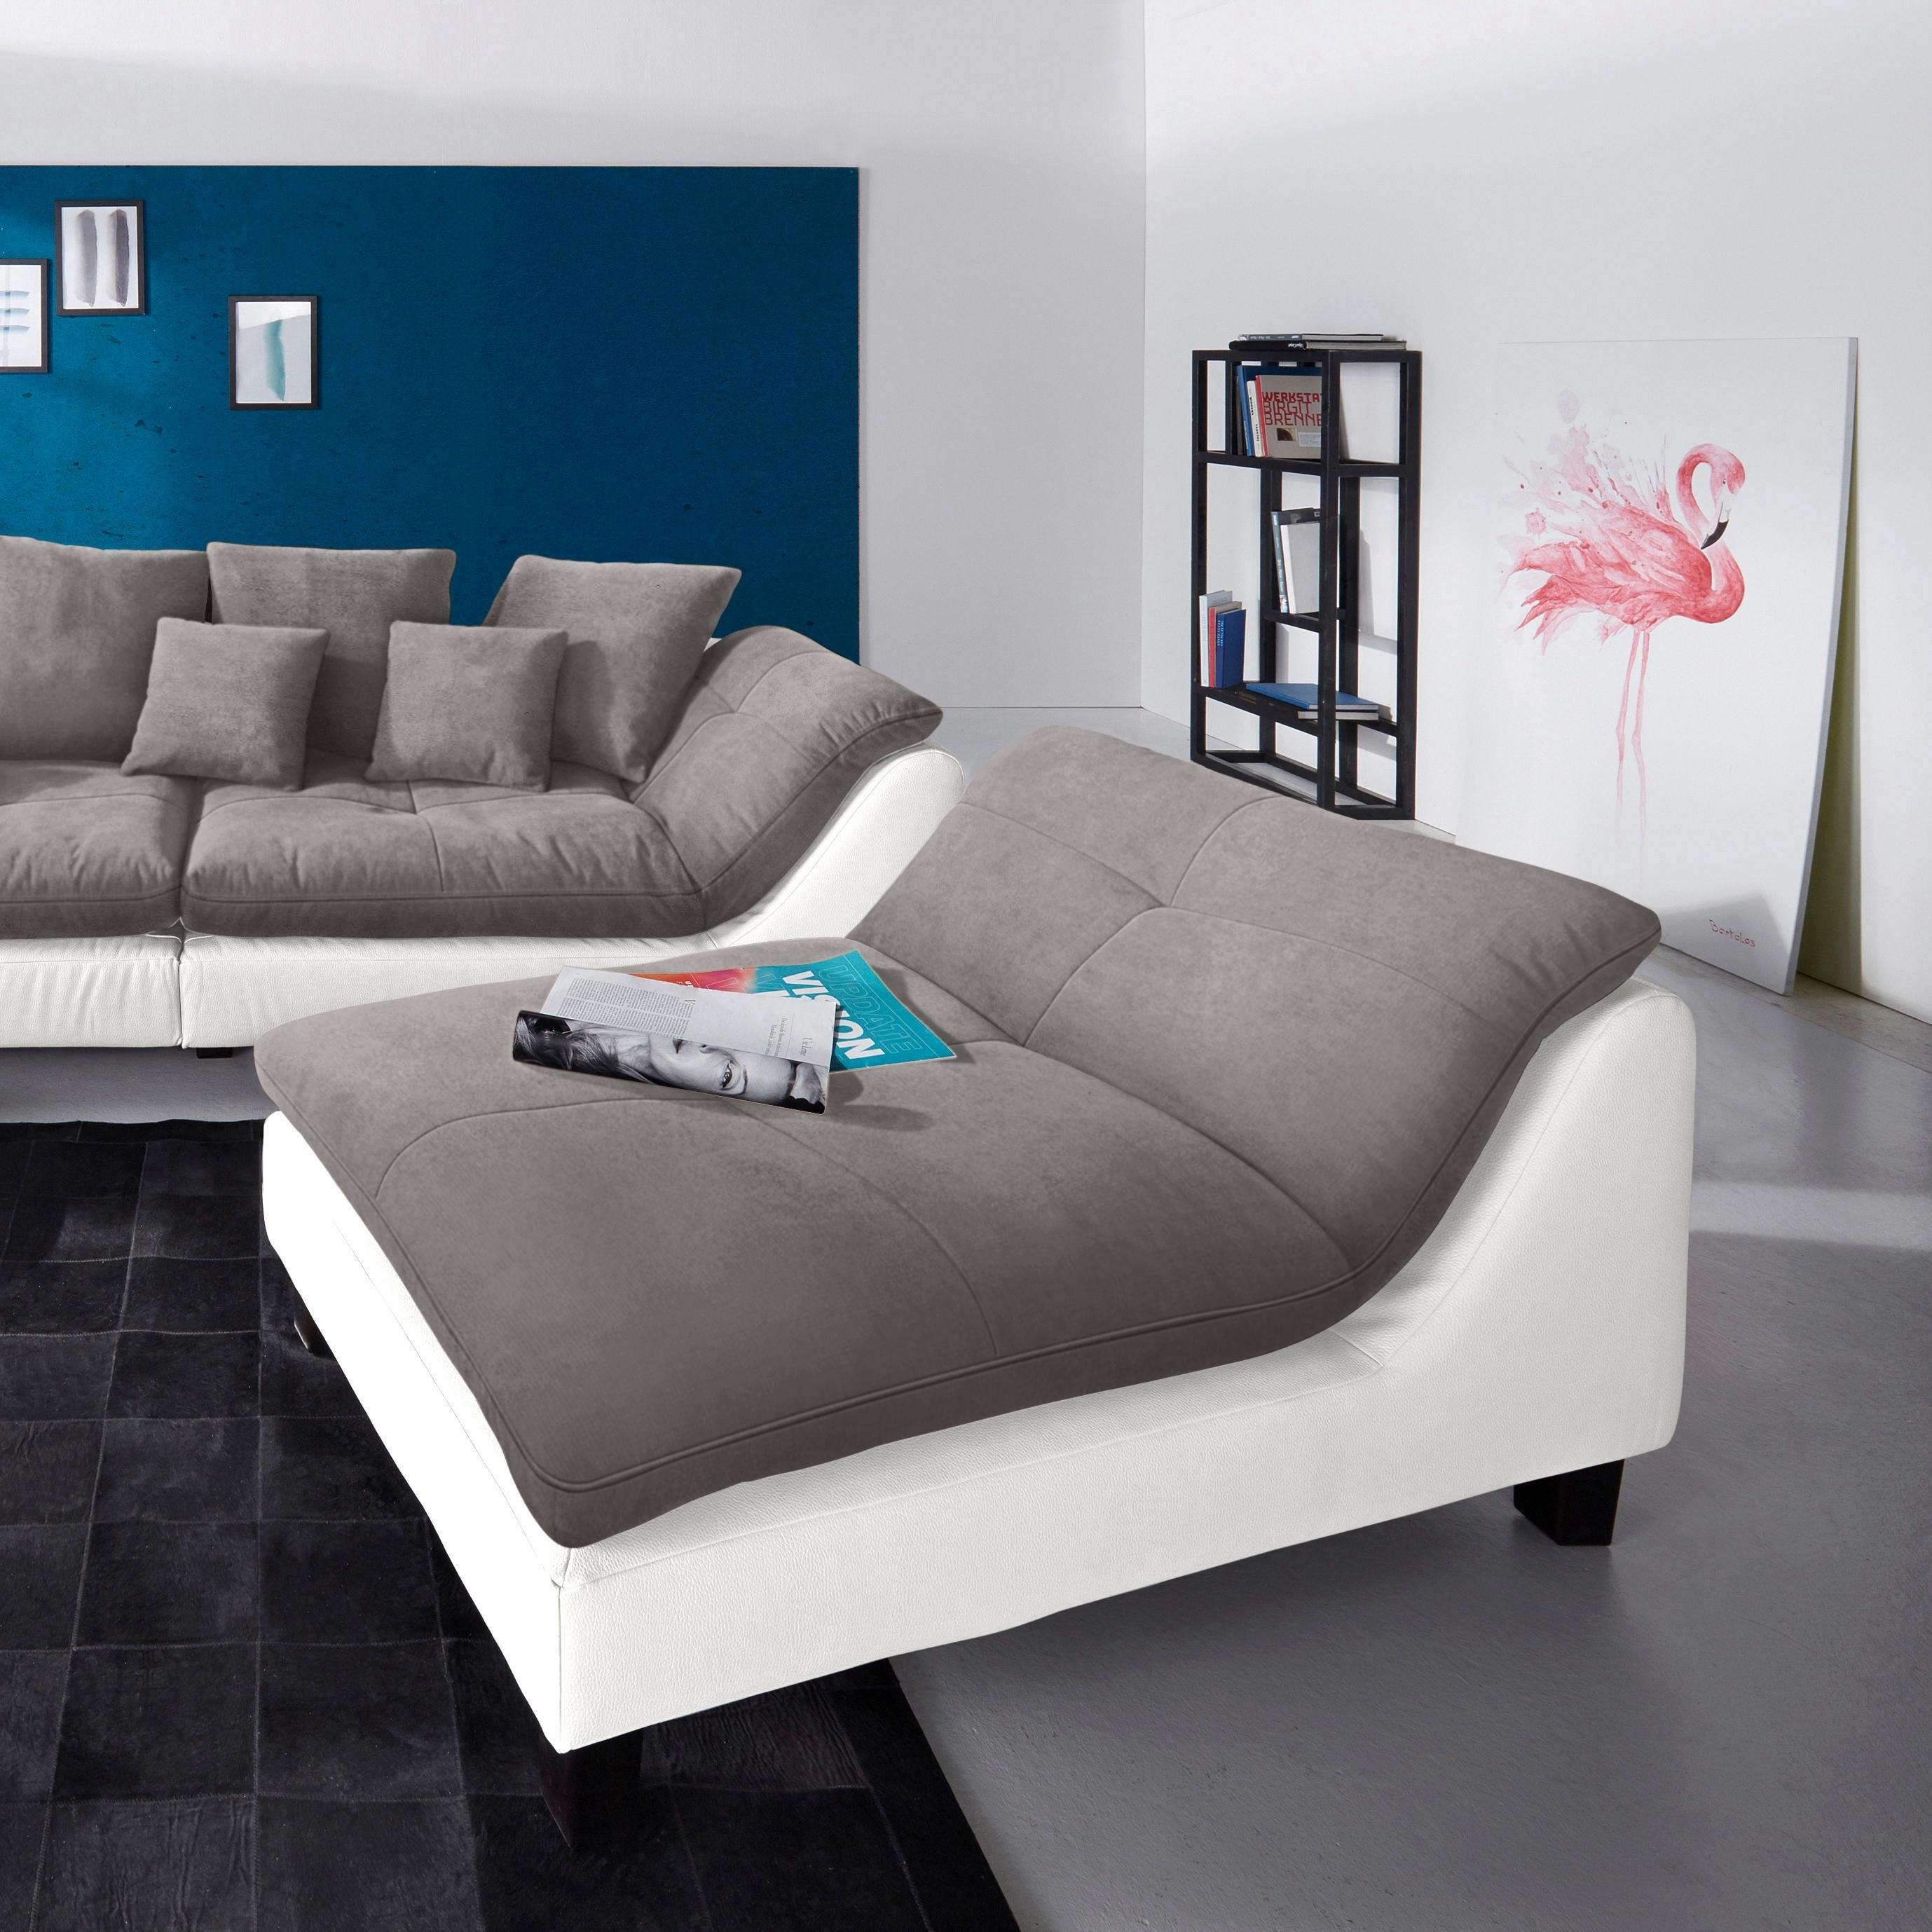 bruno banani recamier snel online gekocht otto. Black Bedroom Furniture Sets. Home Design Ideas